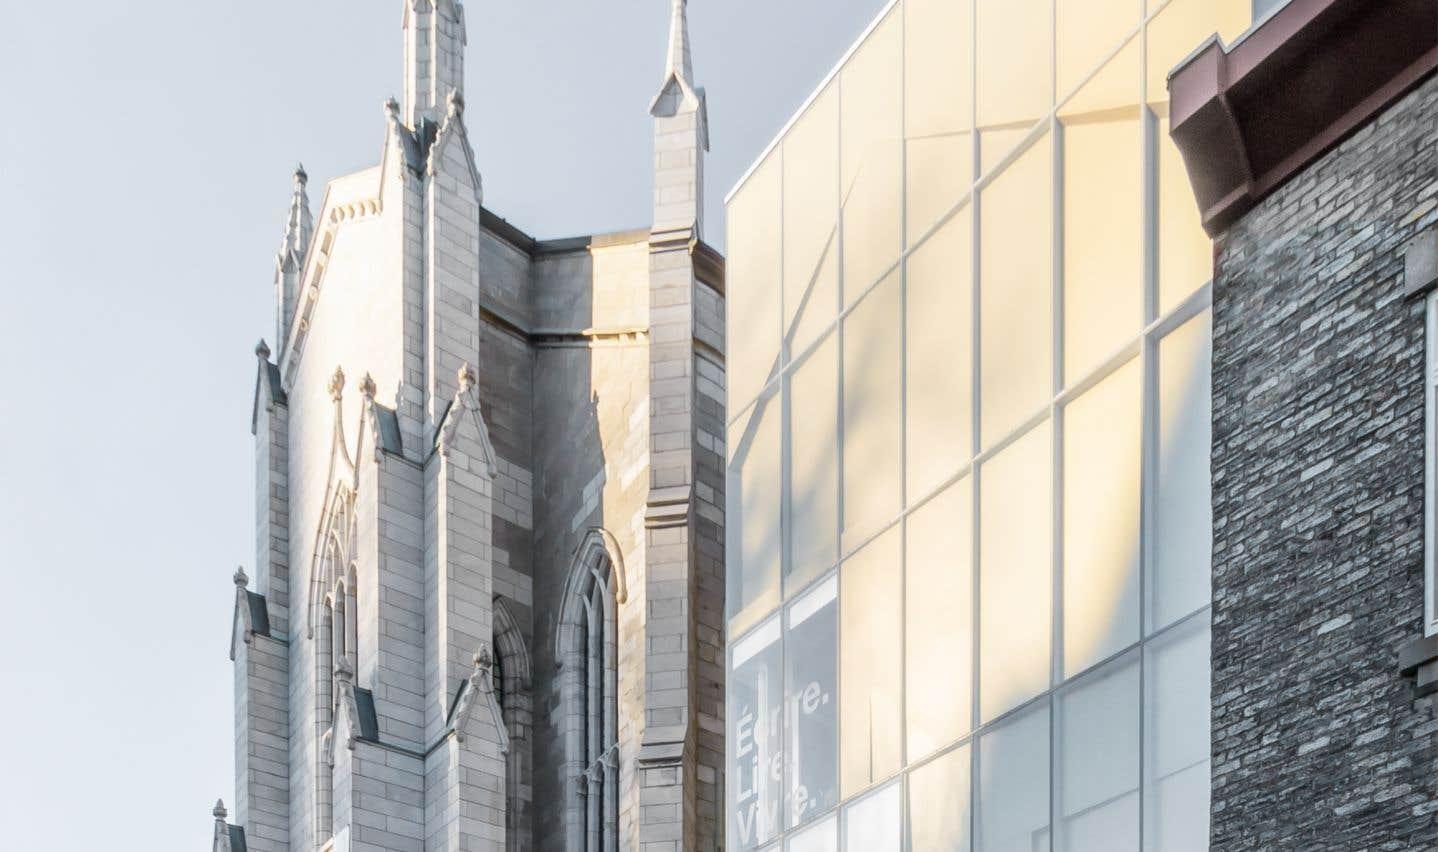 La Maison de la littérature de Québec, Chevalier Morales Architectes